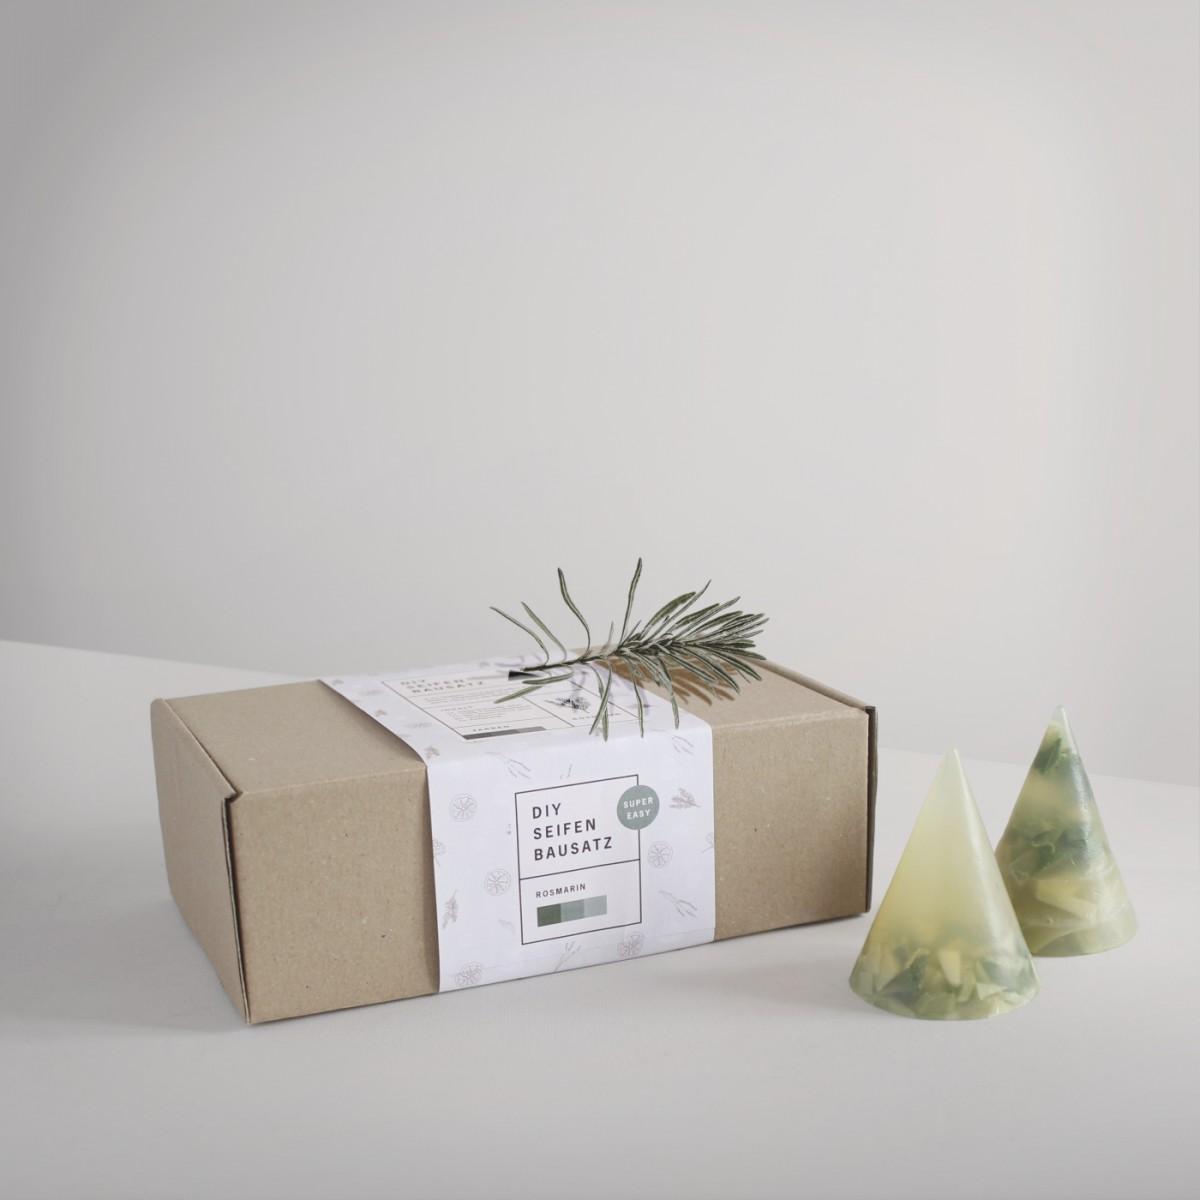 DIY Natur-Seifen Bausatz